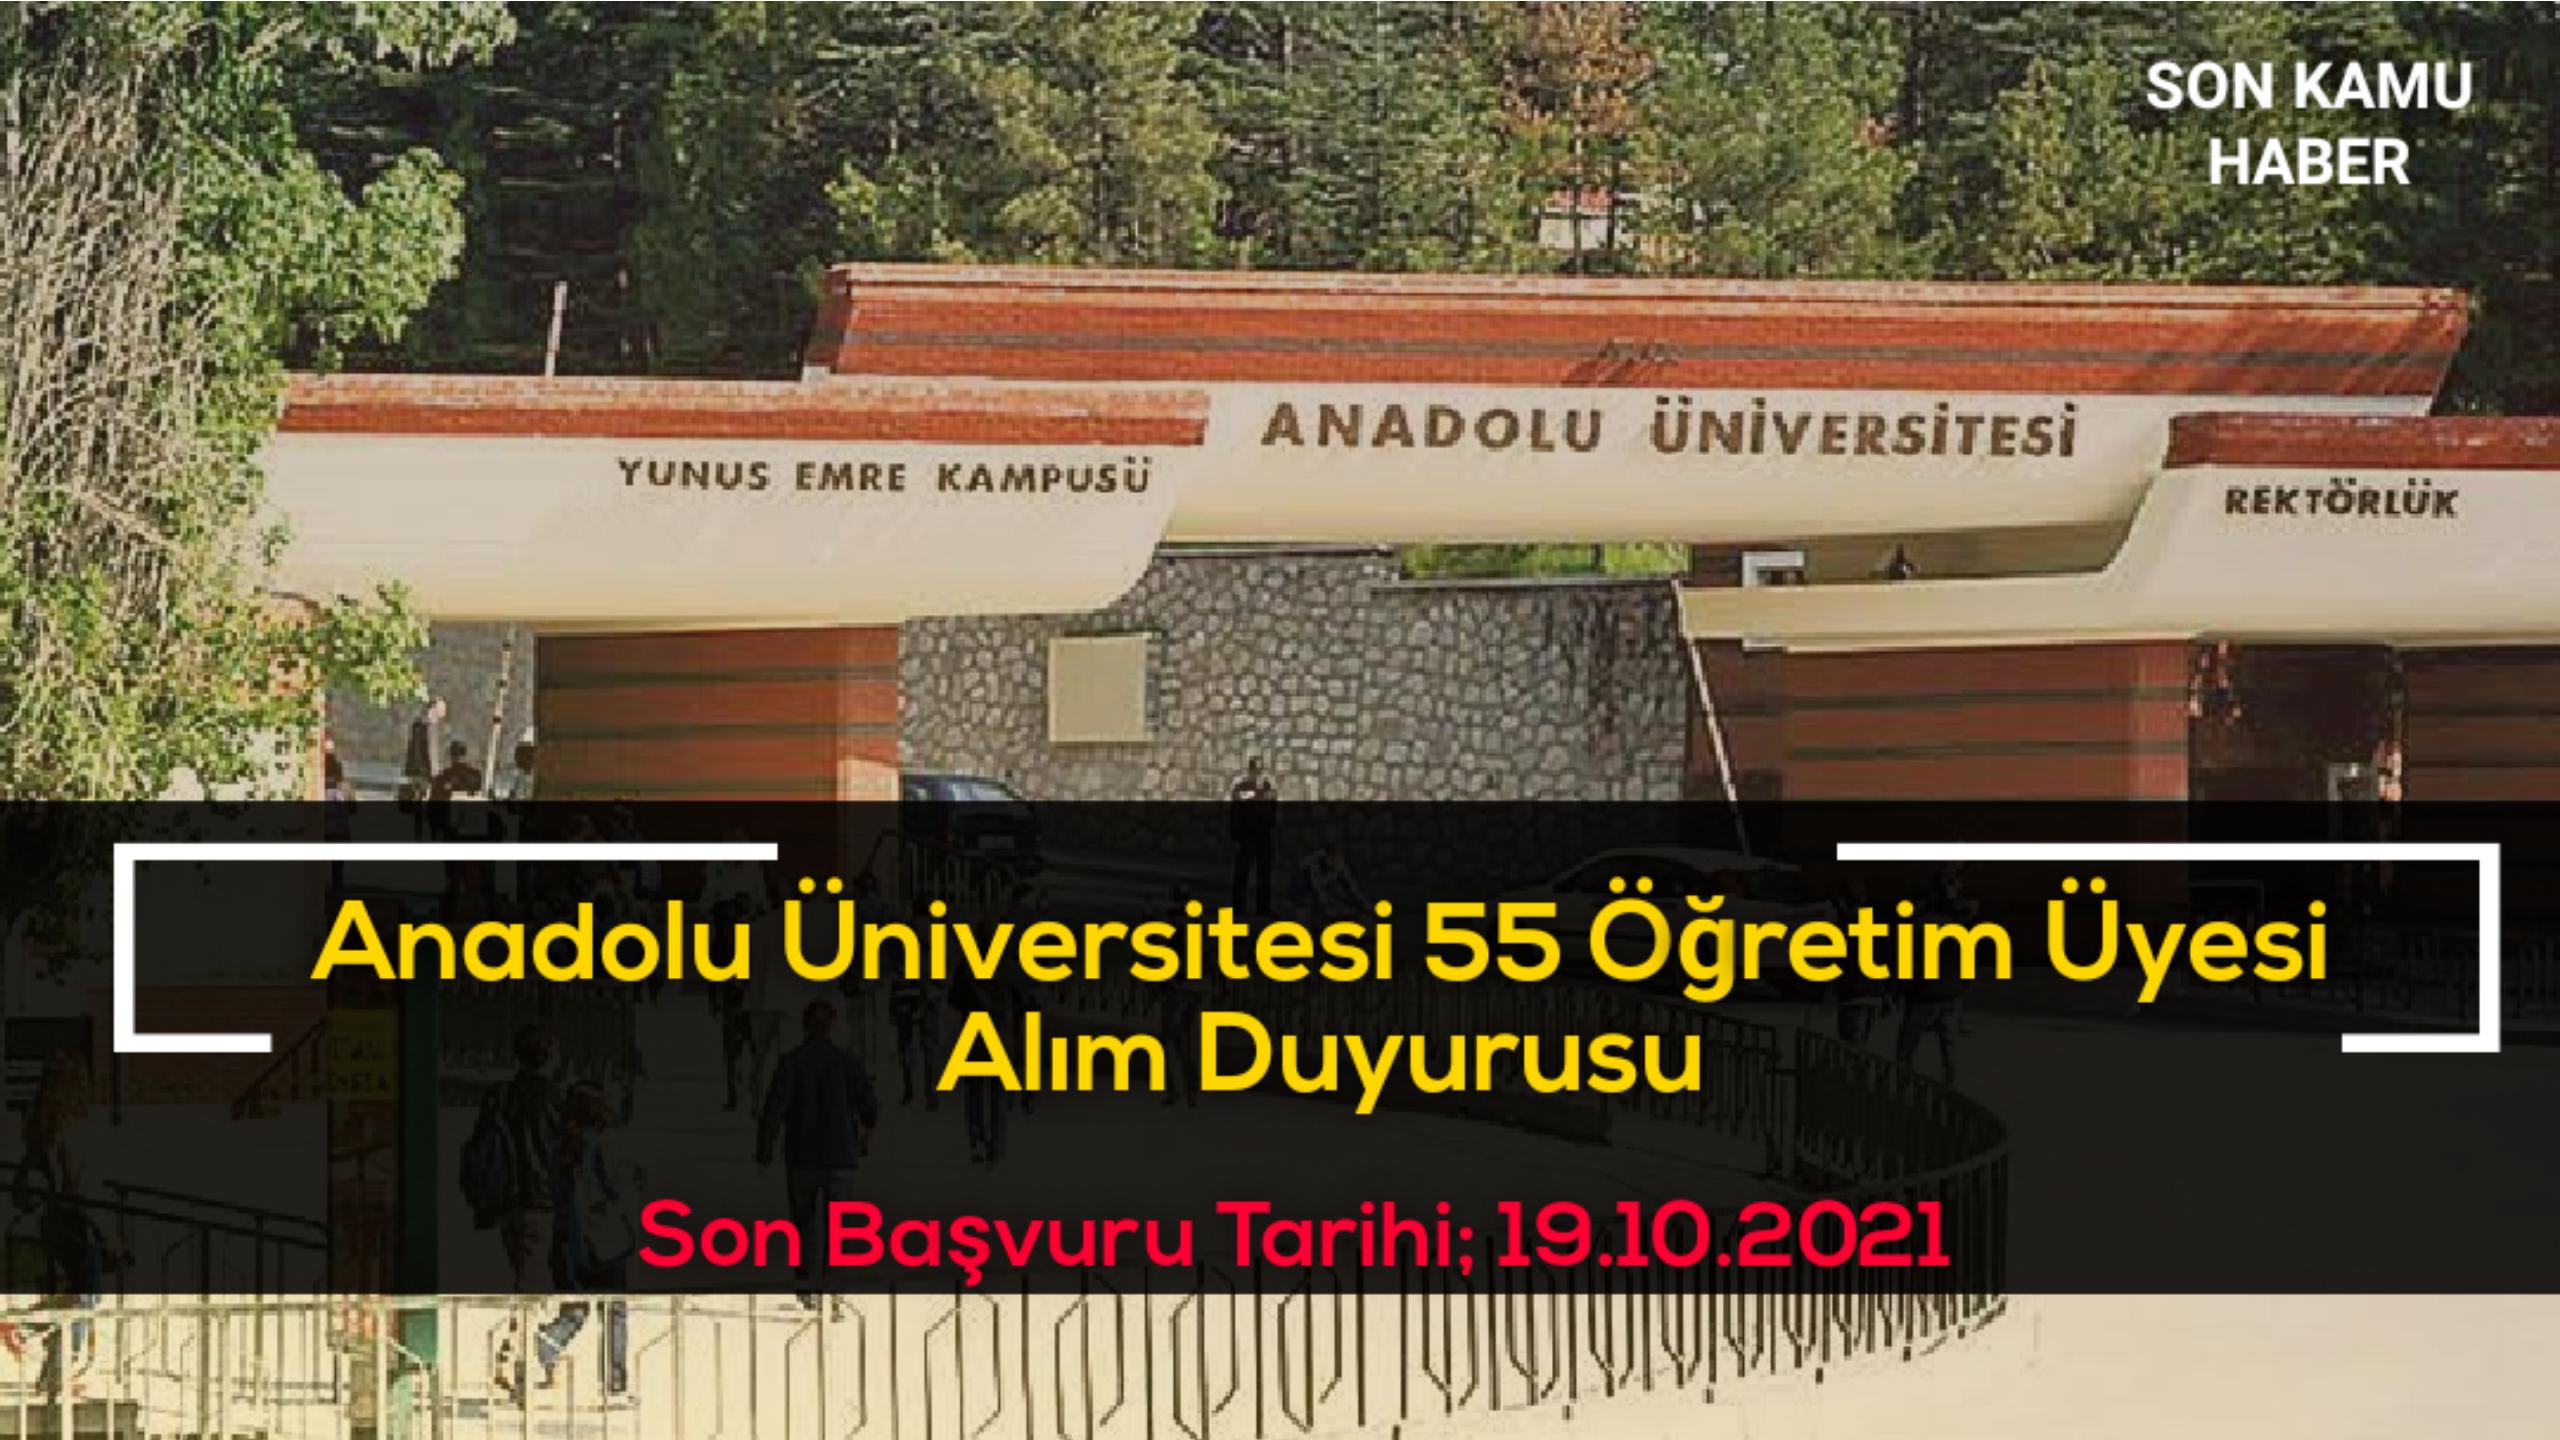 Anadolu Üniversitesi 55 Öğretim Üyesi Alım Duyurusu